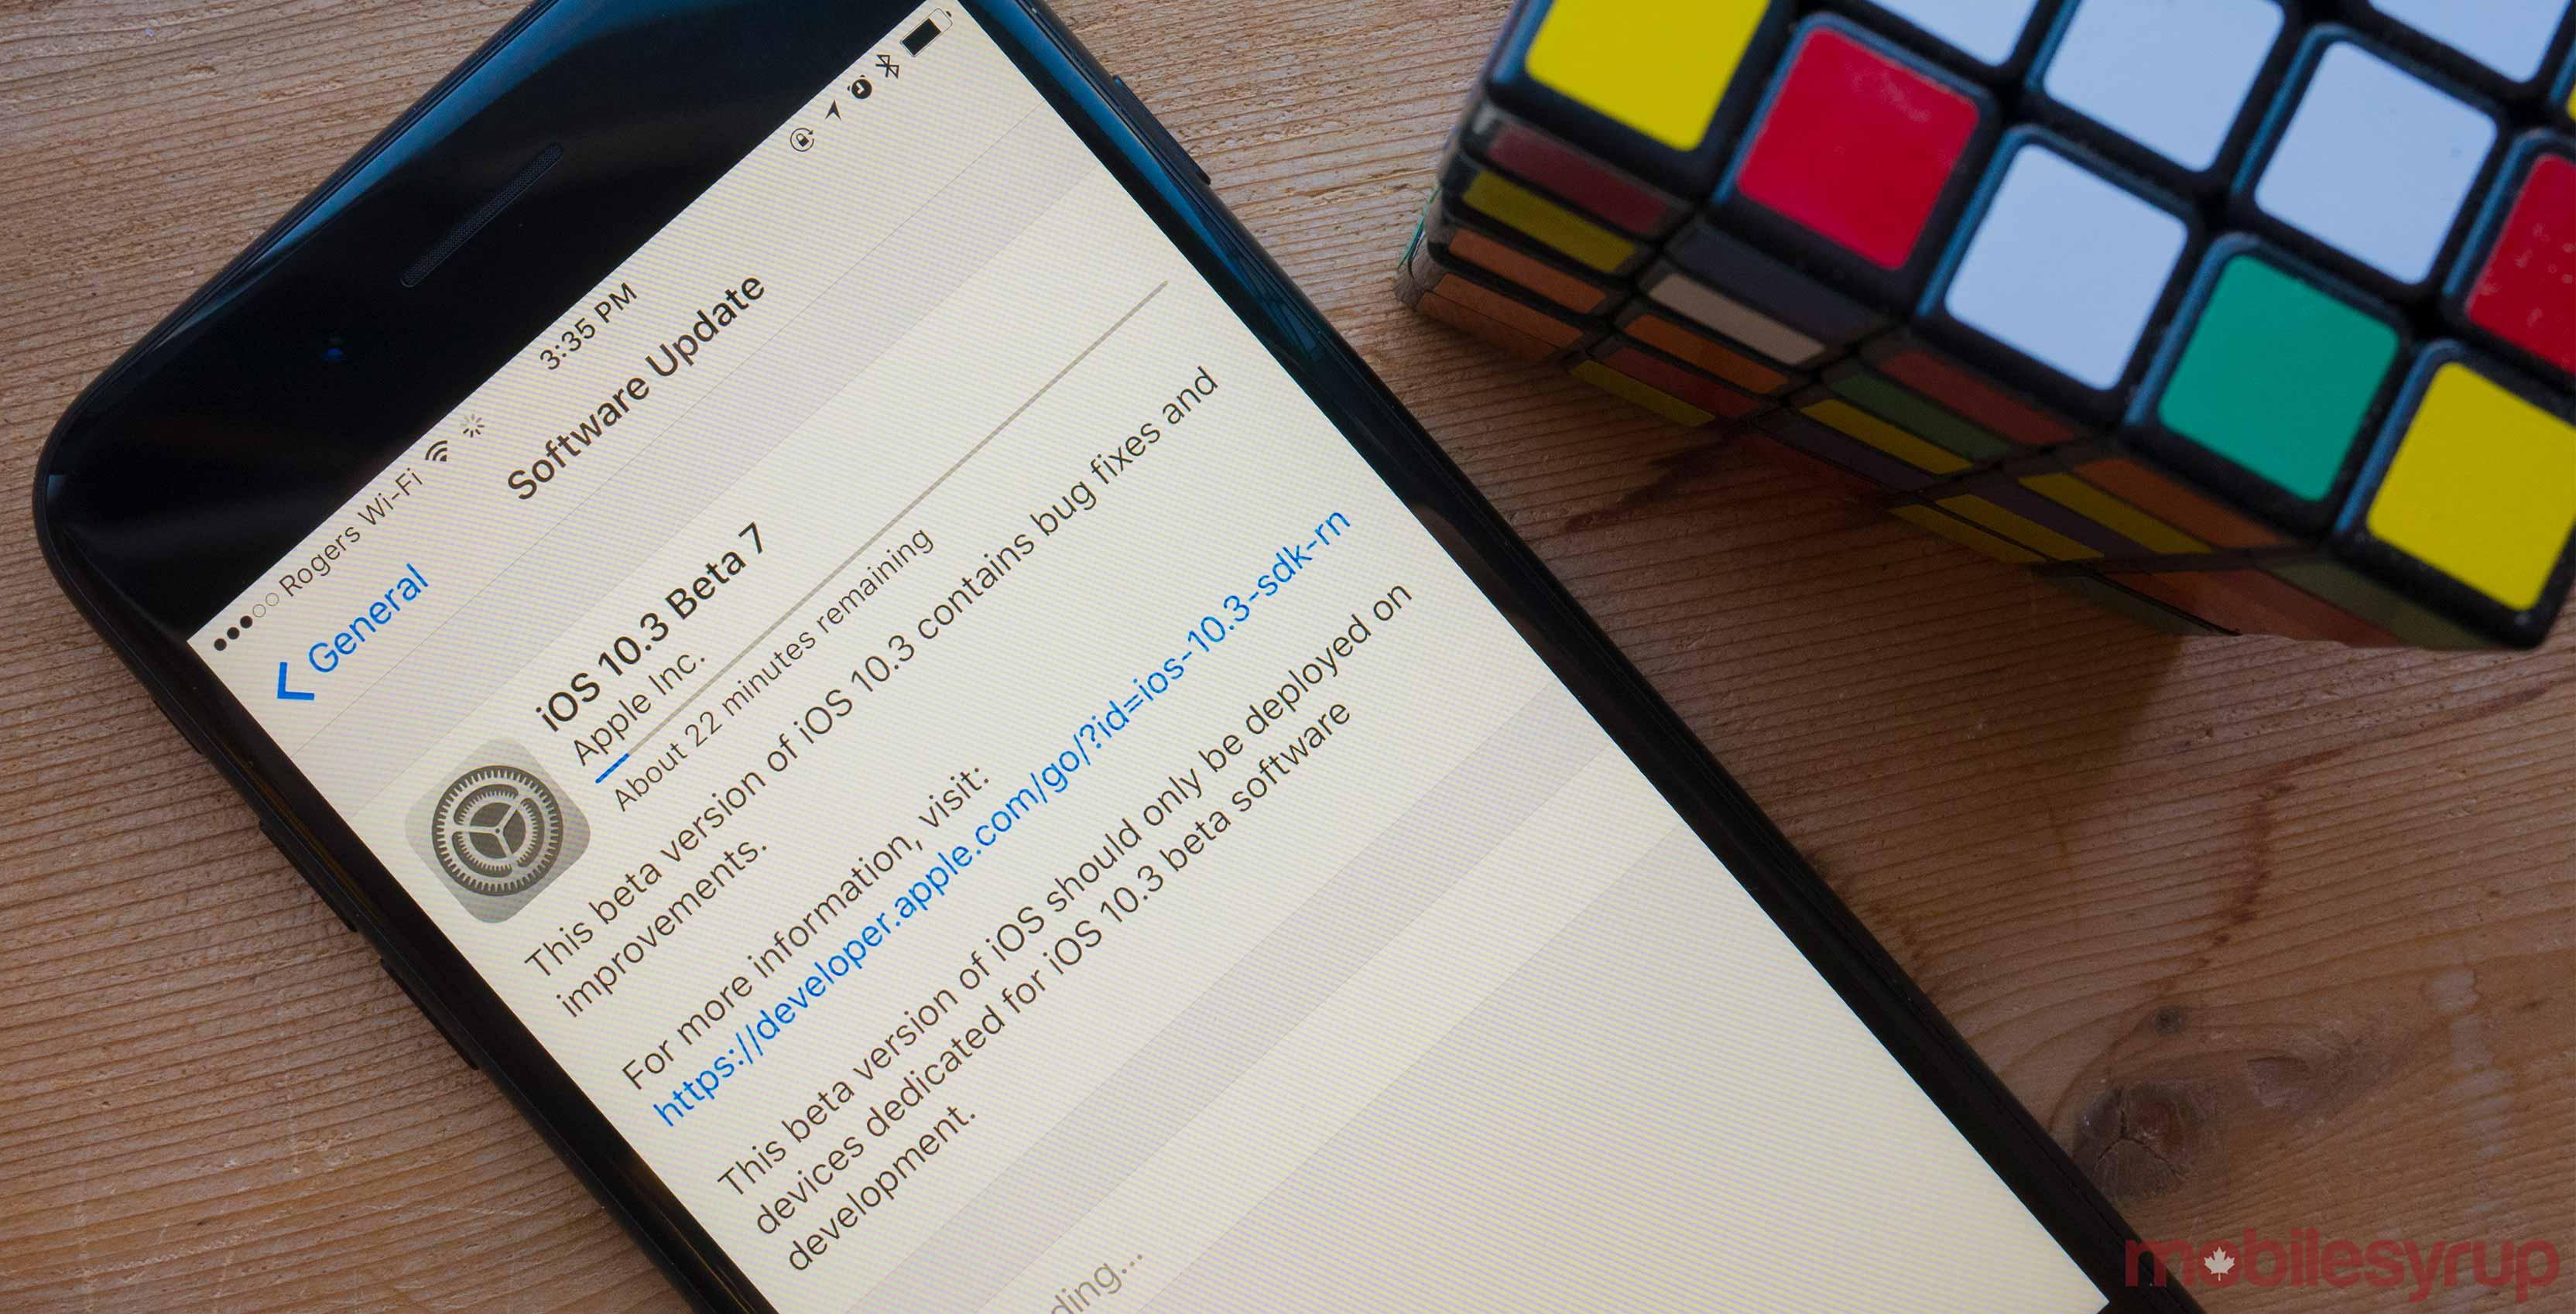 iPhone updating to iOS 10 3 public beta